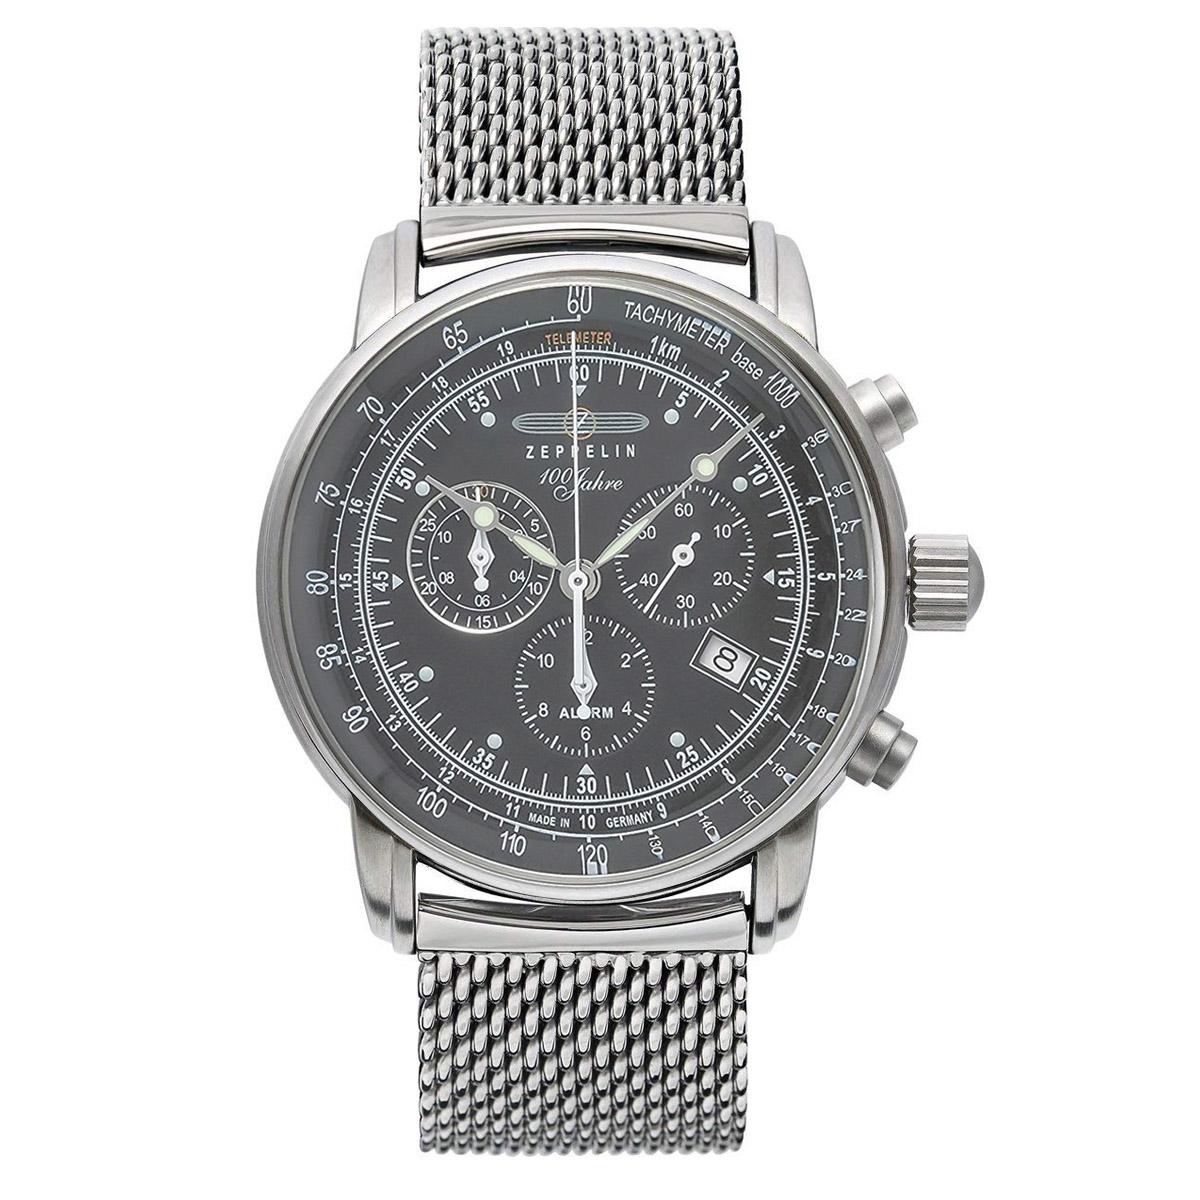 【全品送料無料】 ZEPPELIN ツェッペリン 7680m-2 メンズ 時計 腕時計 プレゼント ギフト 贈り物[あす楽]